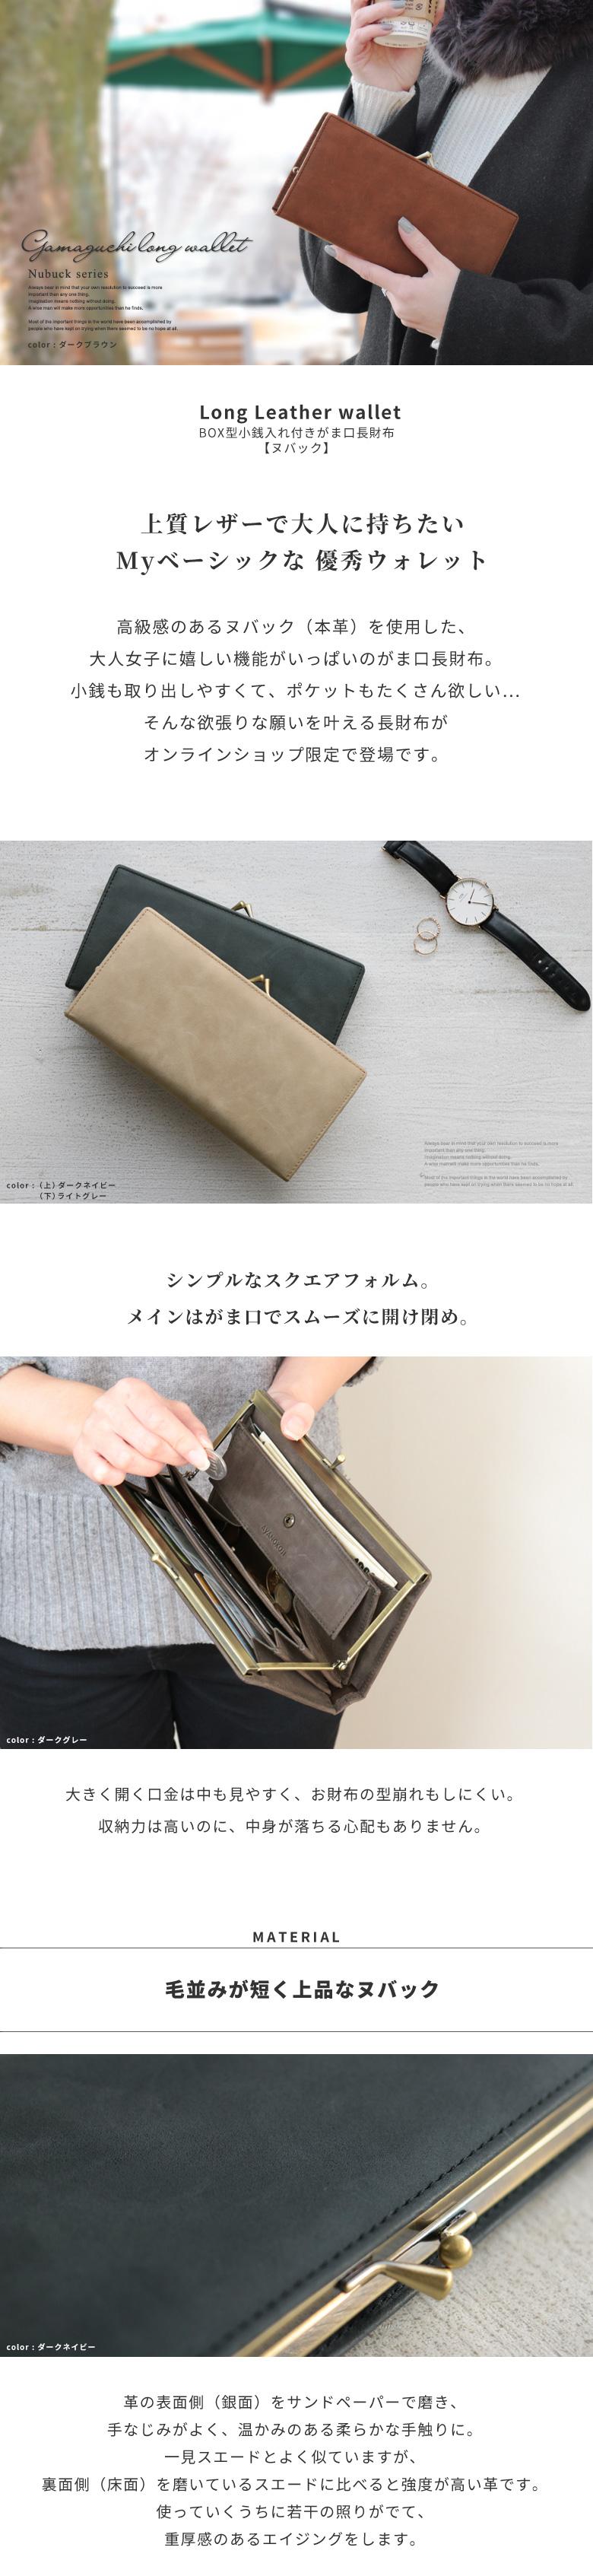 Long Leather wallet BOX型小銭入れ付きがま口長財布 【ヌバック】上質レザーで大人に持ちたいMyベーシックな 優秀ウォレット ヌバック(本革)を使用した、オトナ女子に嬉しい機能がいっぱいのがま口長財布。小銭も取り出しやすくて、ポケットもたくさん欲しい…そんな欲張りな願いを叶える長財布がオンラインショップ限定で登場です。シンプルなスクエアフォルム。メインはがま口でスムーズに開け閉め。大きく開く口金は中も見やすく、型崩れもしにくいのが魅力。収納力は高いのに、中身が落ちる心配もありません。MATERIAL 毛並みが短く上品なヌバック 革の表面側(銀面)をサンドペーパーで磨き、手なじみがよく、温かみのある柔らかな手触りに。一見スエードとよく似ていますが、裏面側(床面)を磨いているスエードに比べると強度が高い革です。使っていくうちに若干の照りがでて、重厚感のあるエイジングをします。